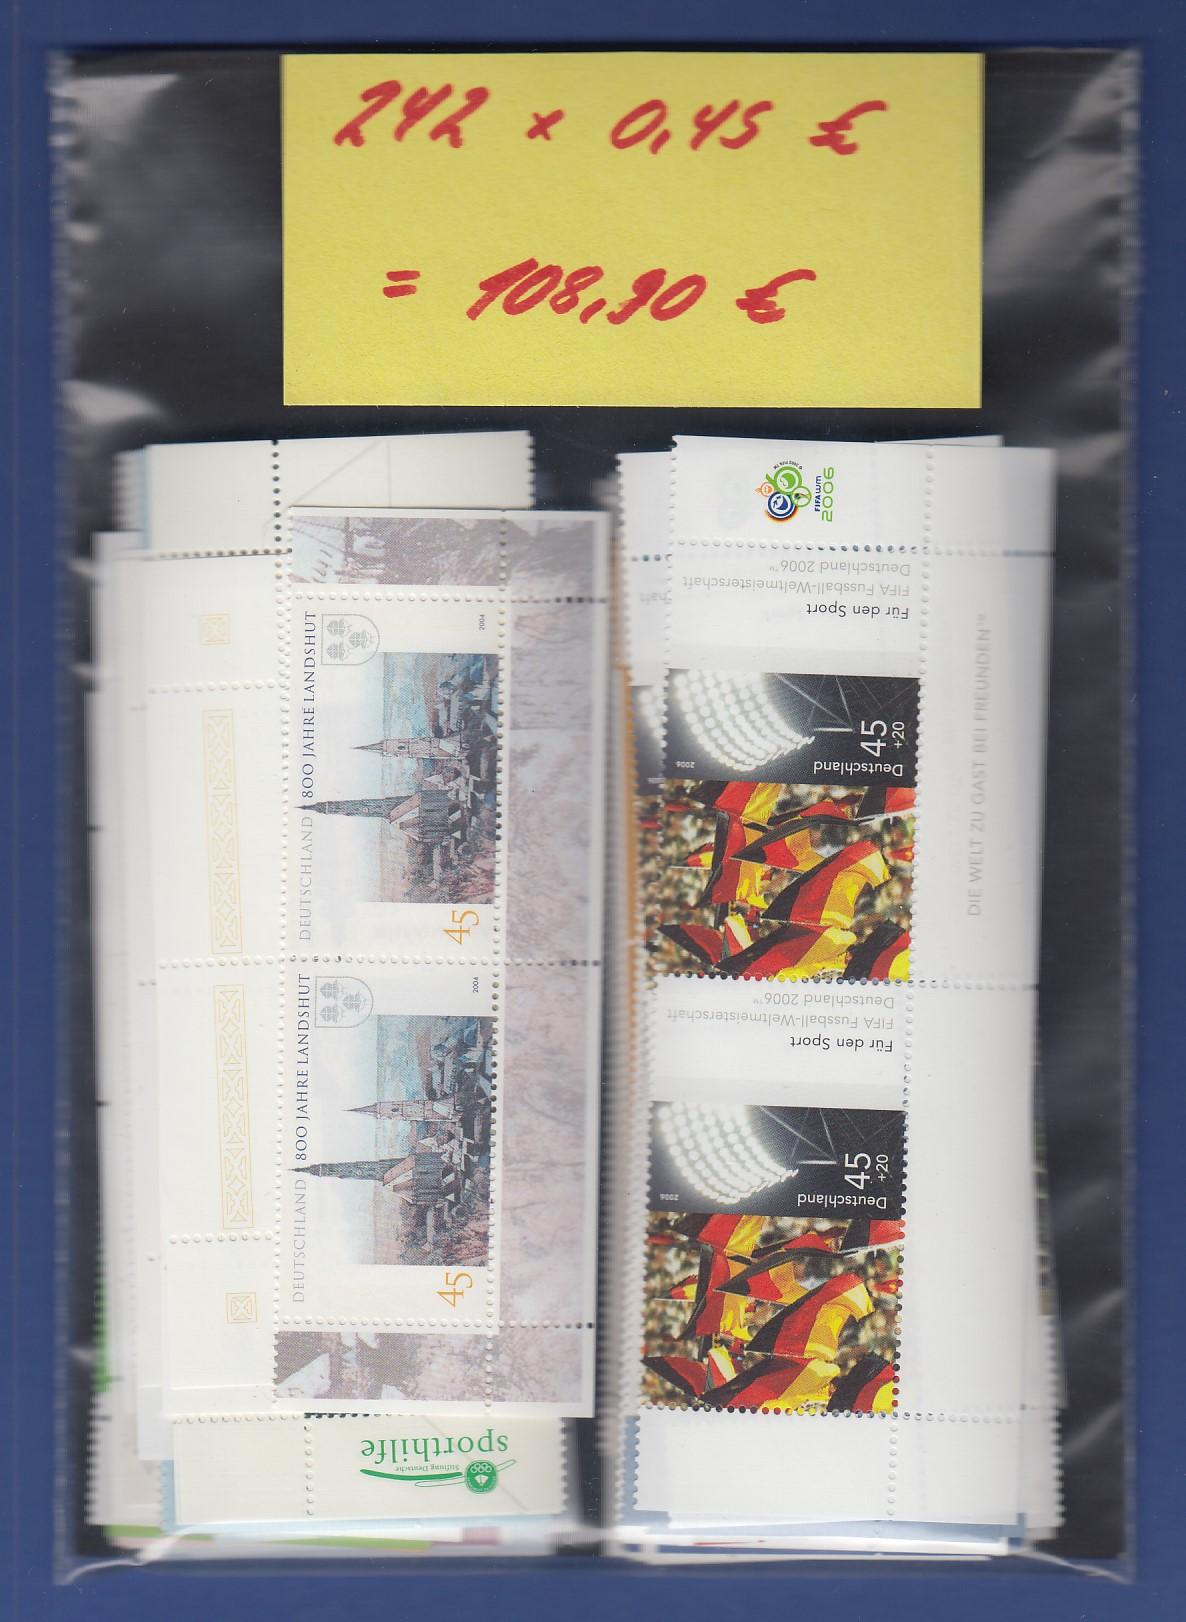 Frankaturware Deutschland orig. postfrisch, 242x0,45€ = 108,90 ...